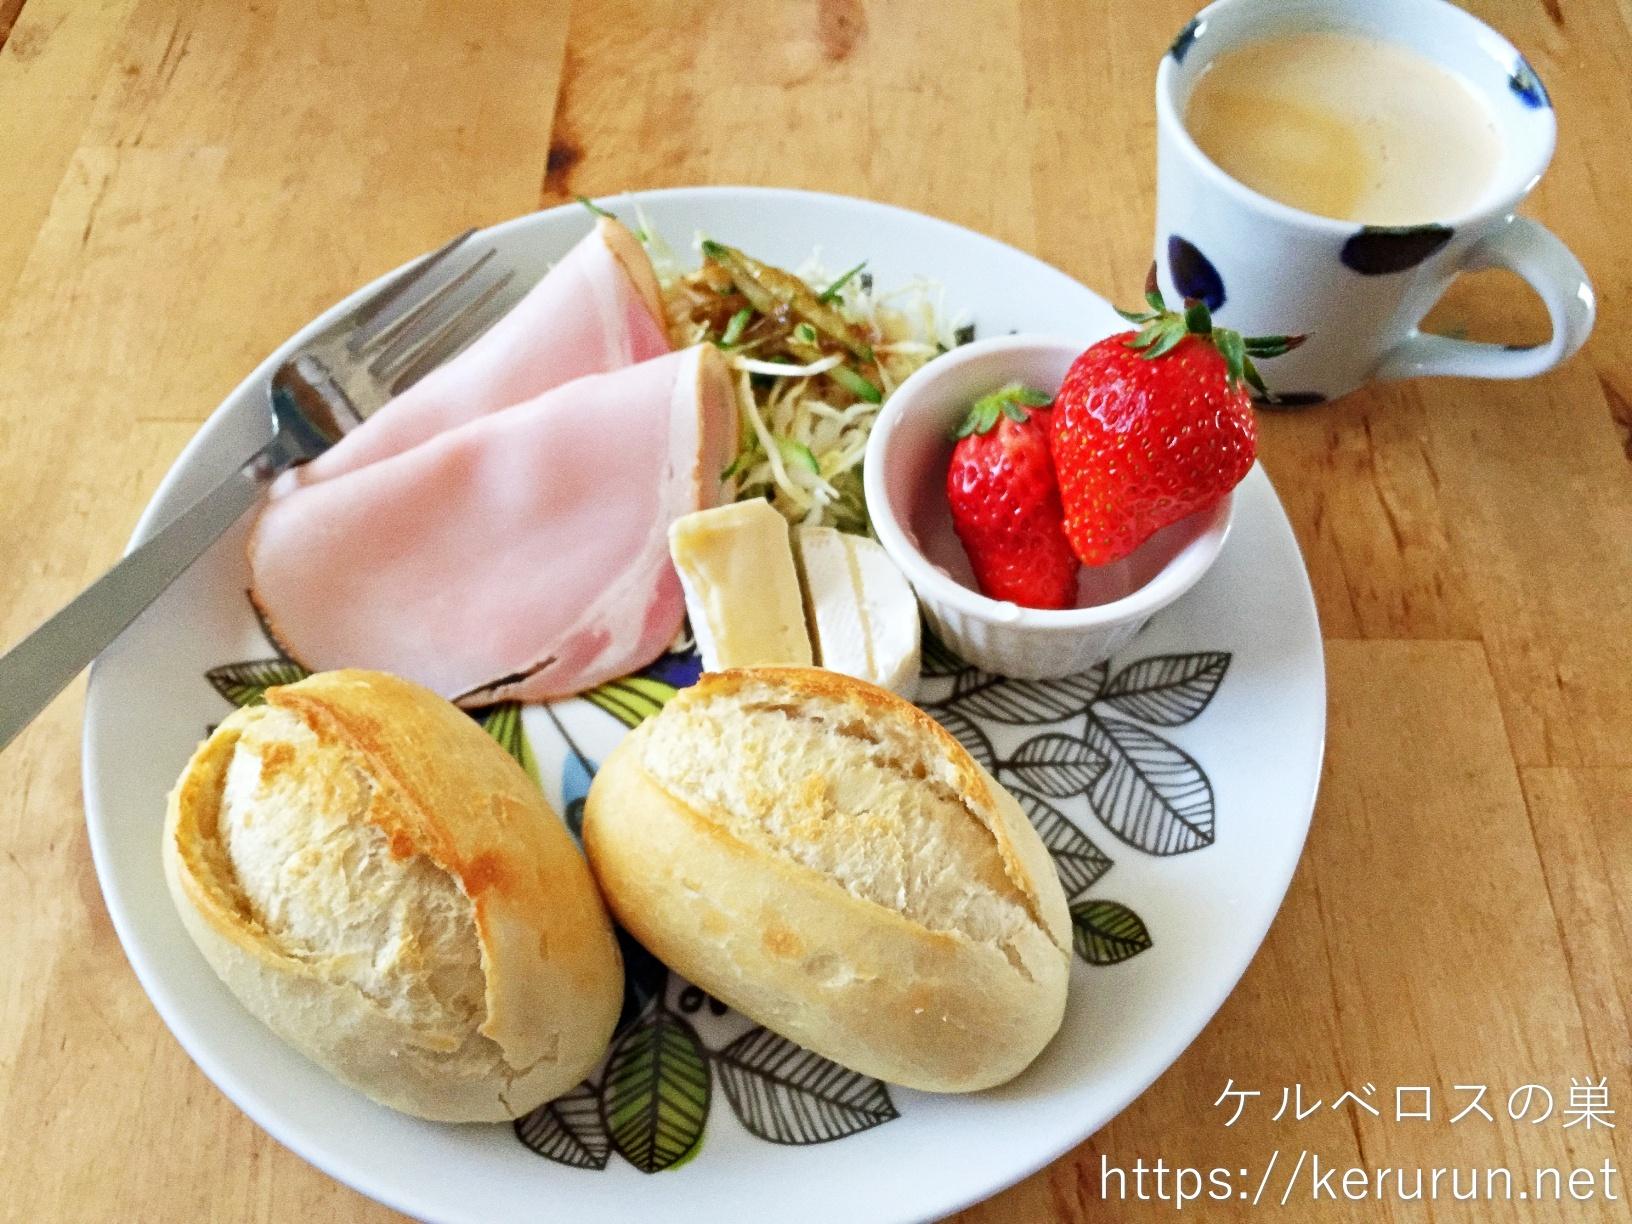 メニセーズのミニパンで朝ごはん